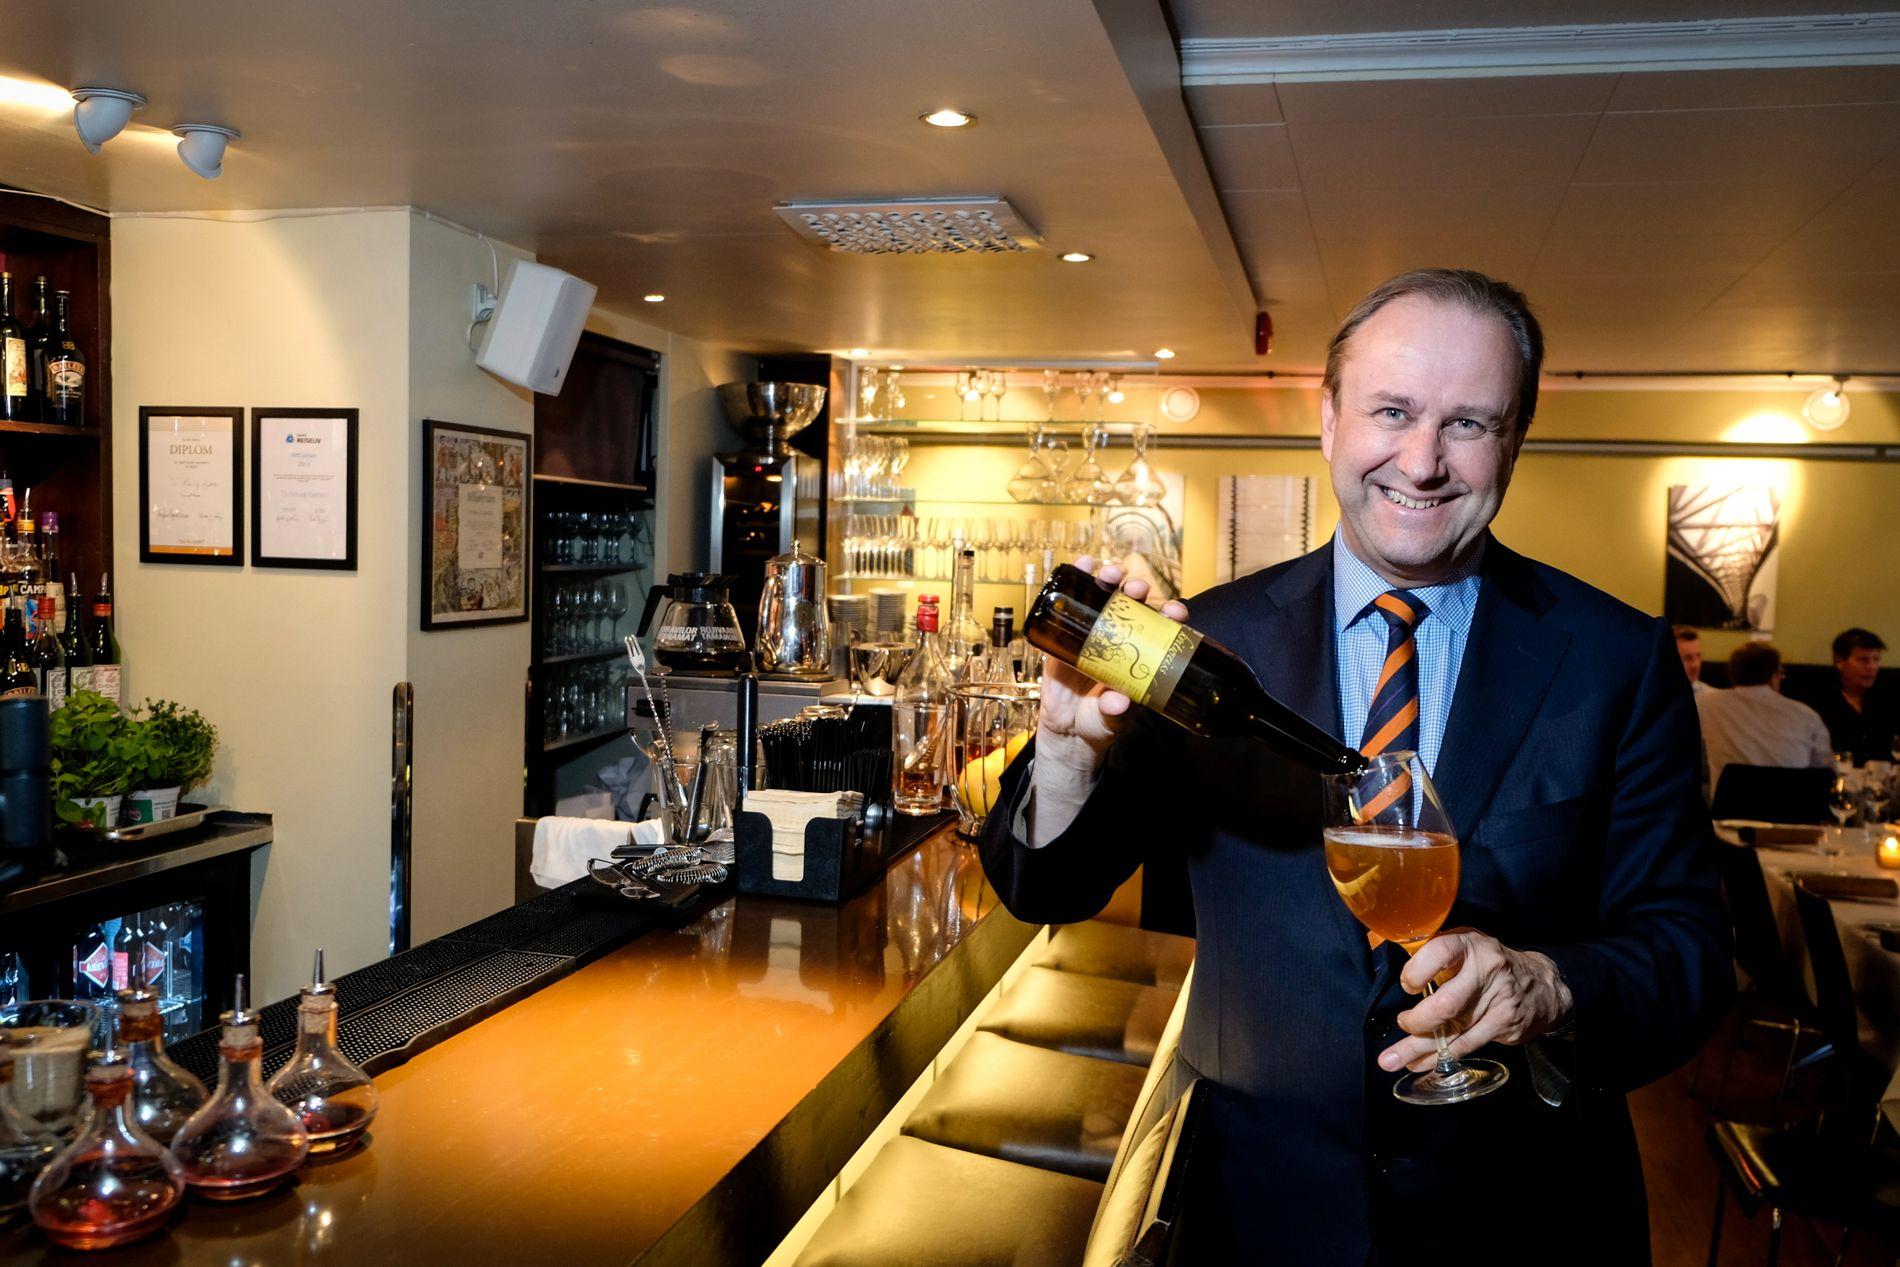 MATGLAD: Roar Hildonen hadde ansvaret for mat fra Trøndelag under FIS-kongressen i Hellas for Trondheim 2023. Her fra sin egen restaurant i Trondheim i 2014.